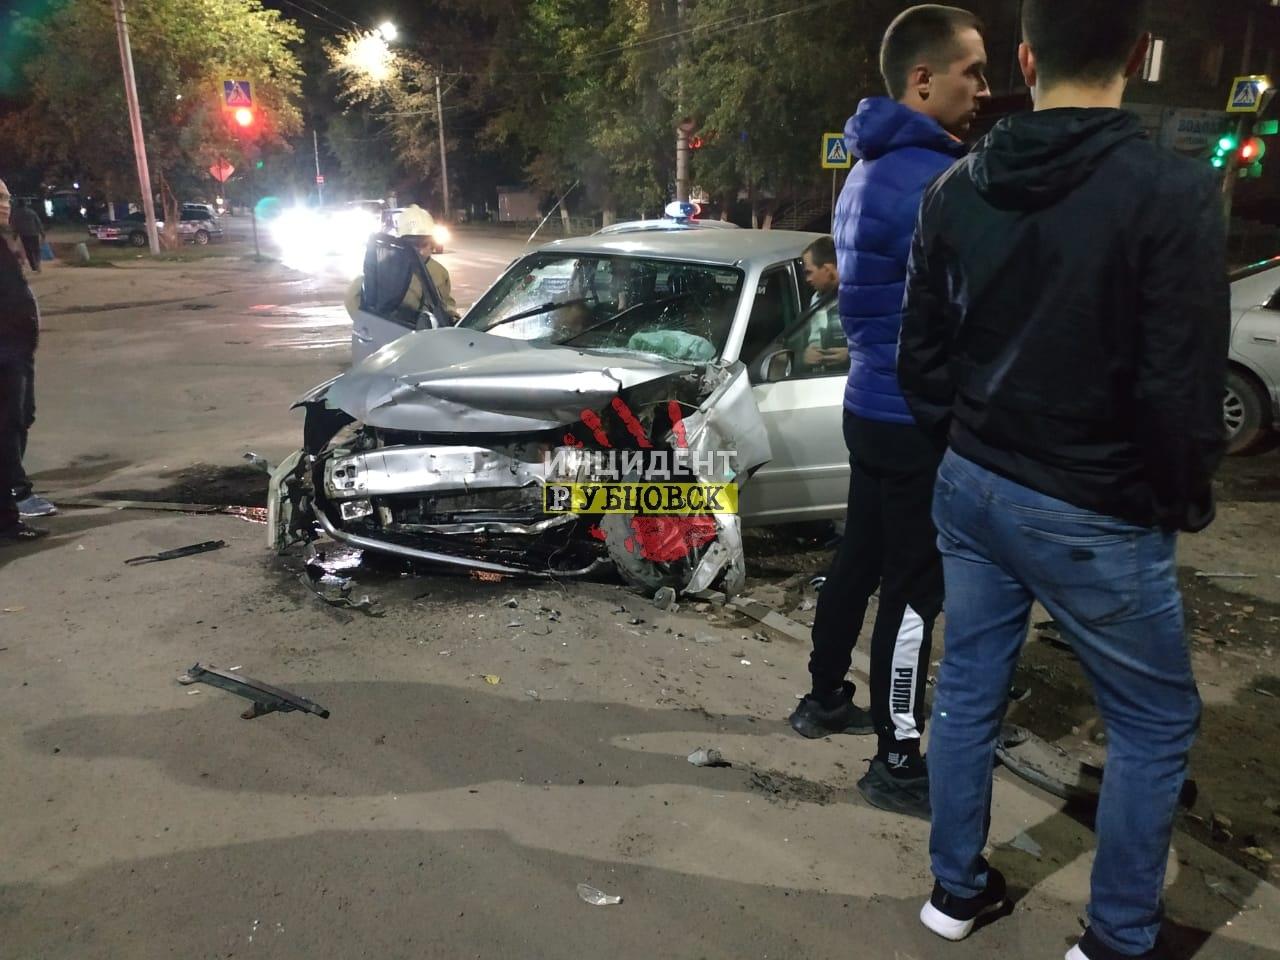 Жёсткое ДТП на перекрёстке произошло в Рубцовске